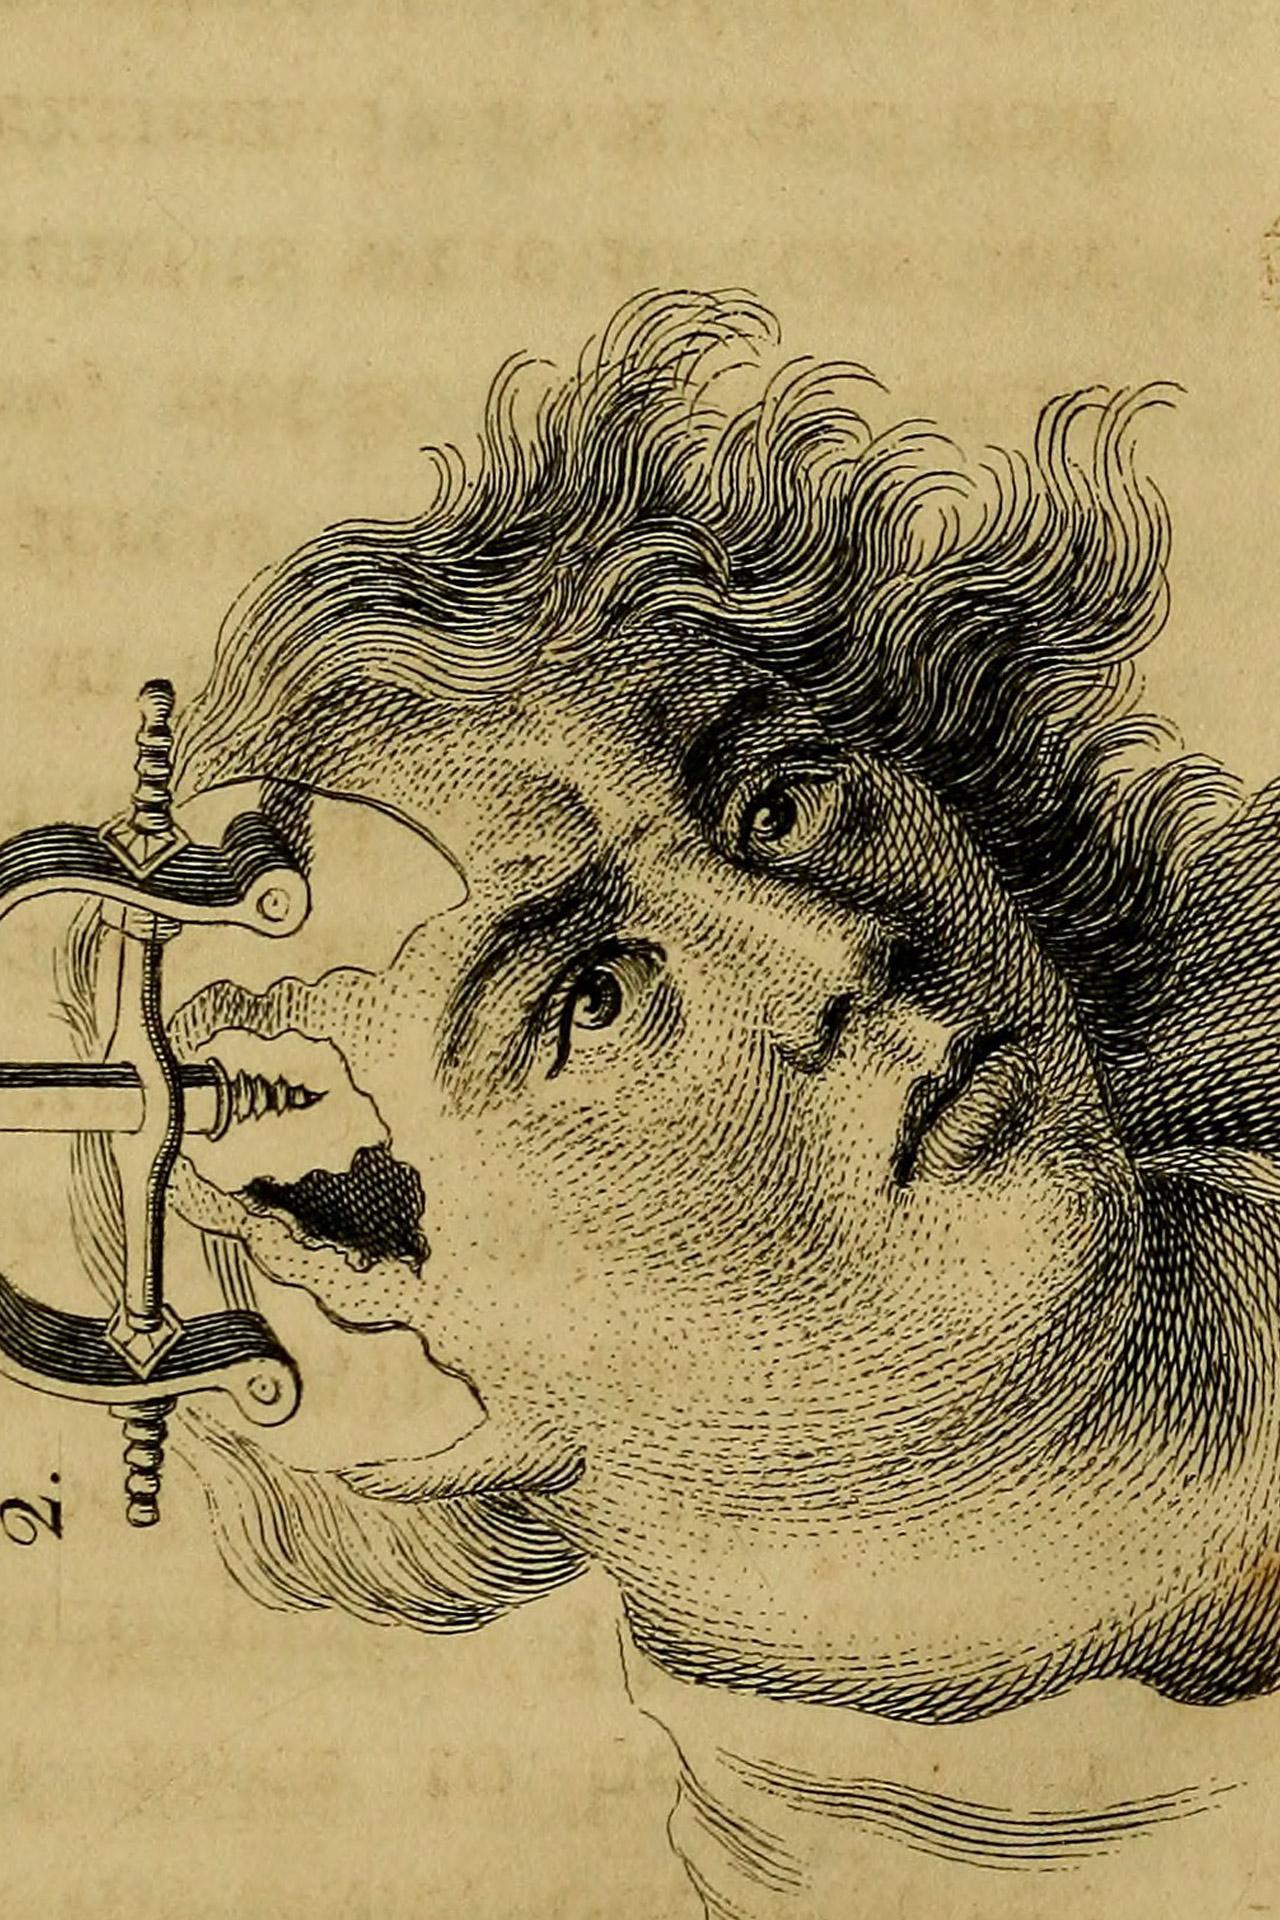 intubate_image-1-1